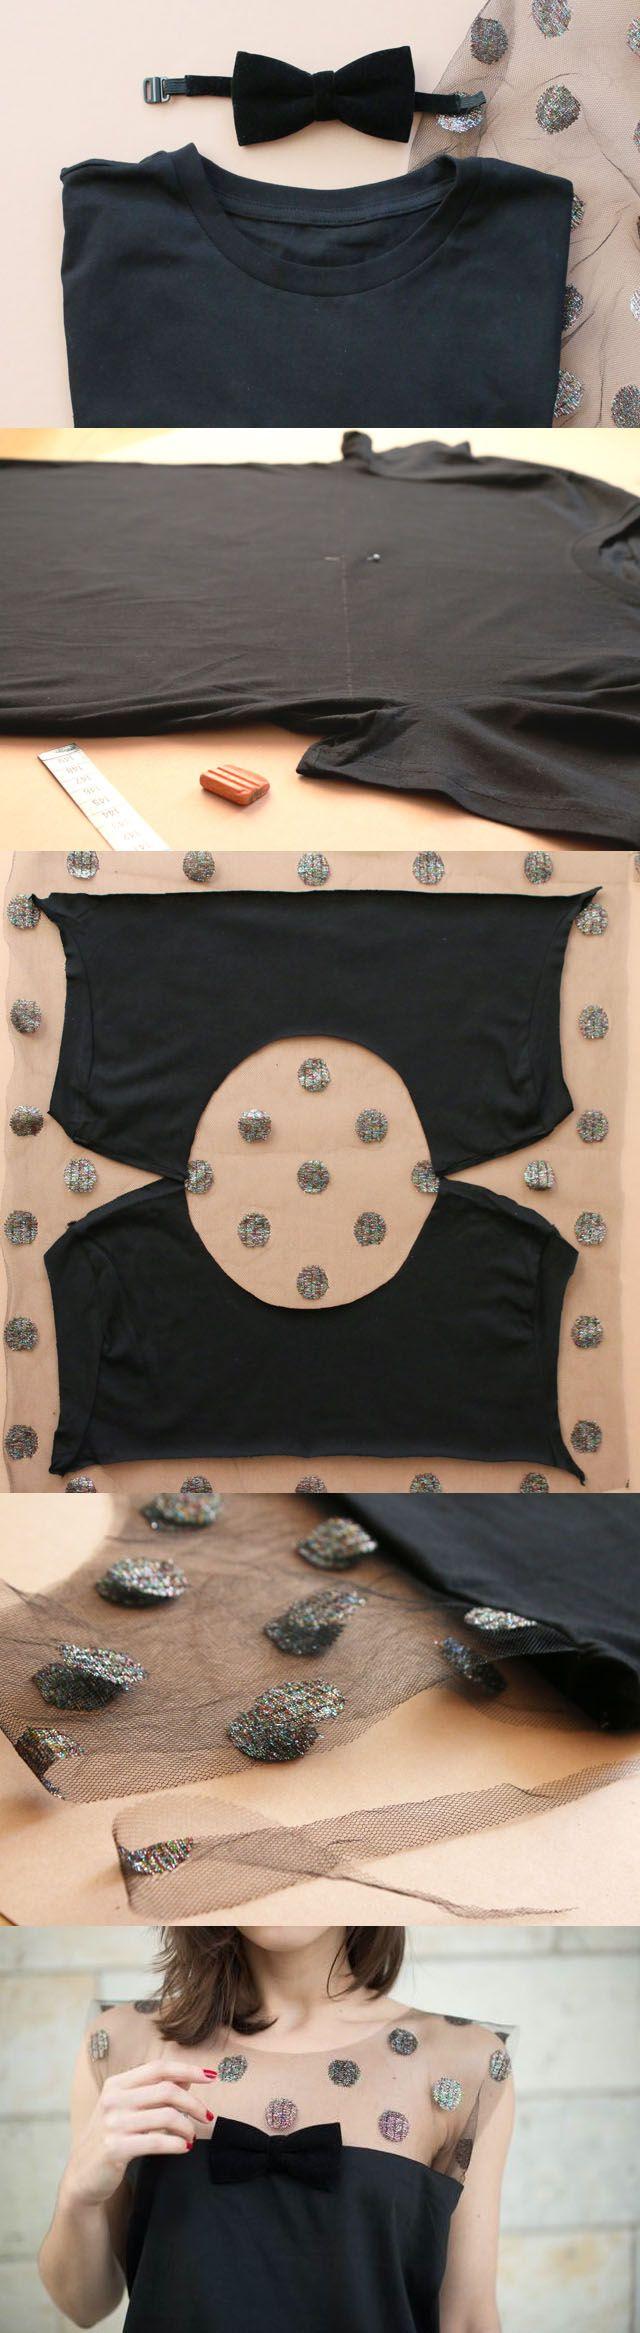 сделать скучную футболку креативной: срезание верха футболки и замена на сеточку с бантом